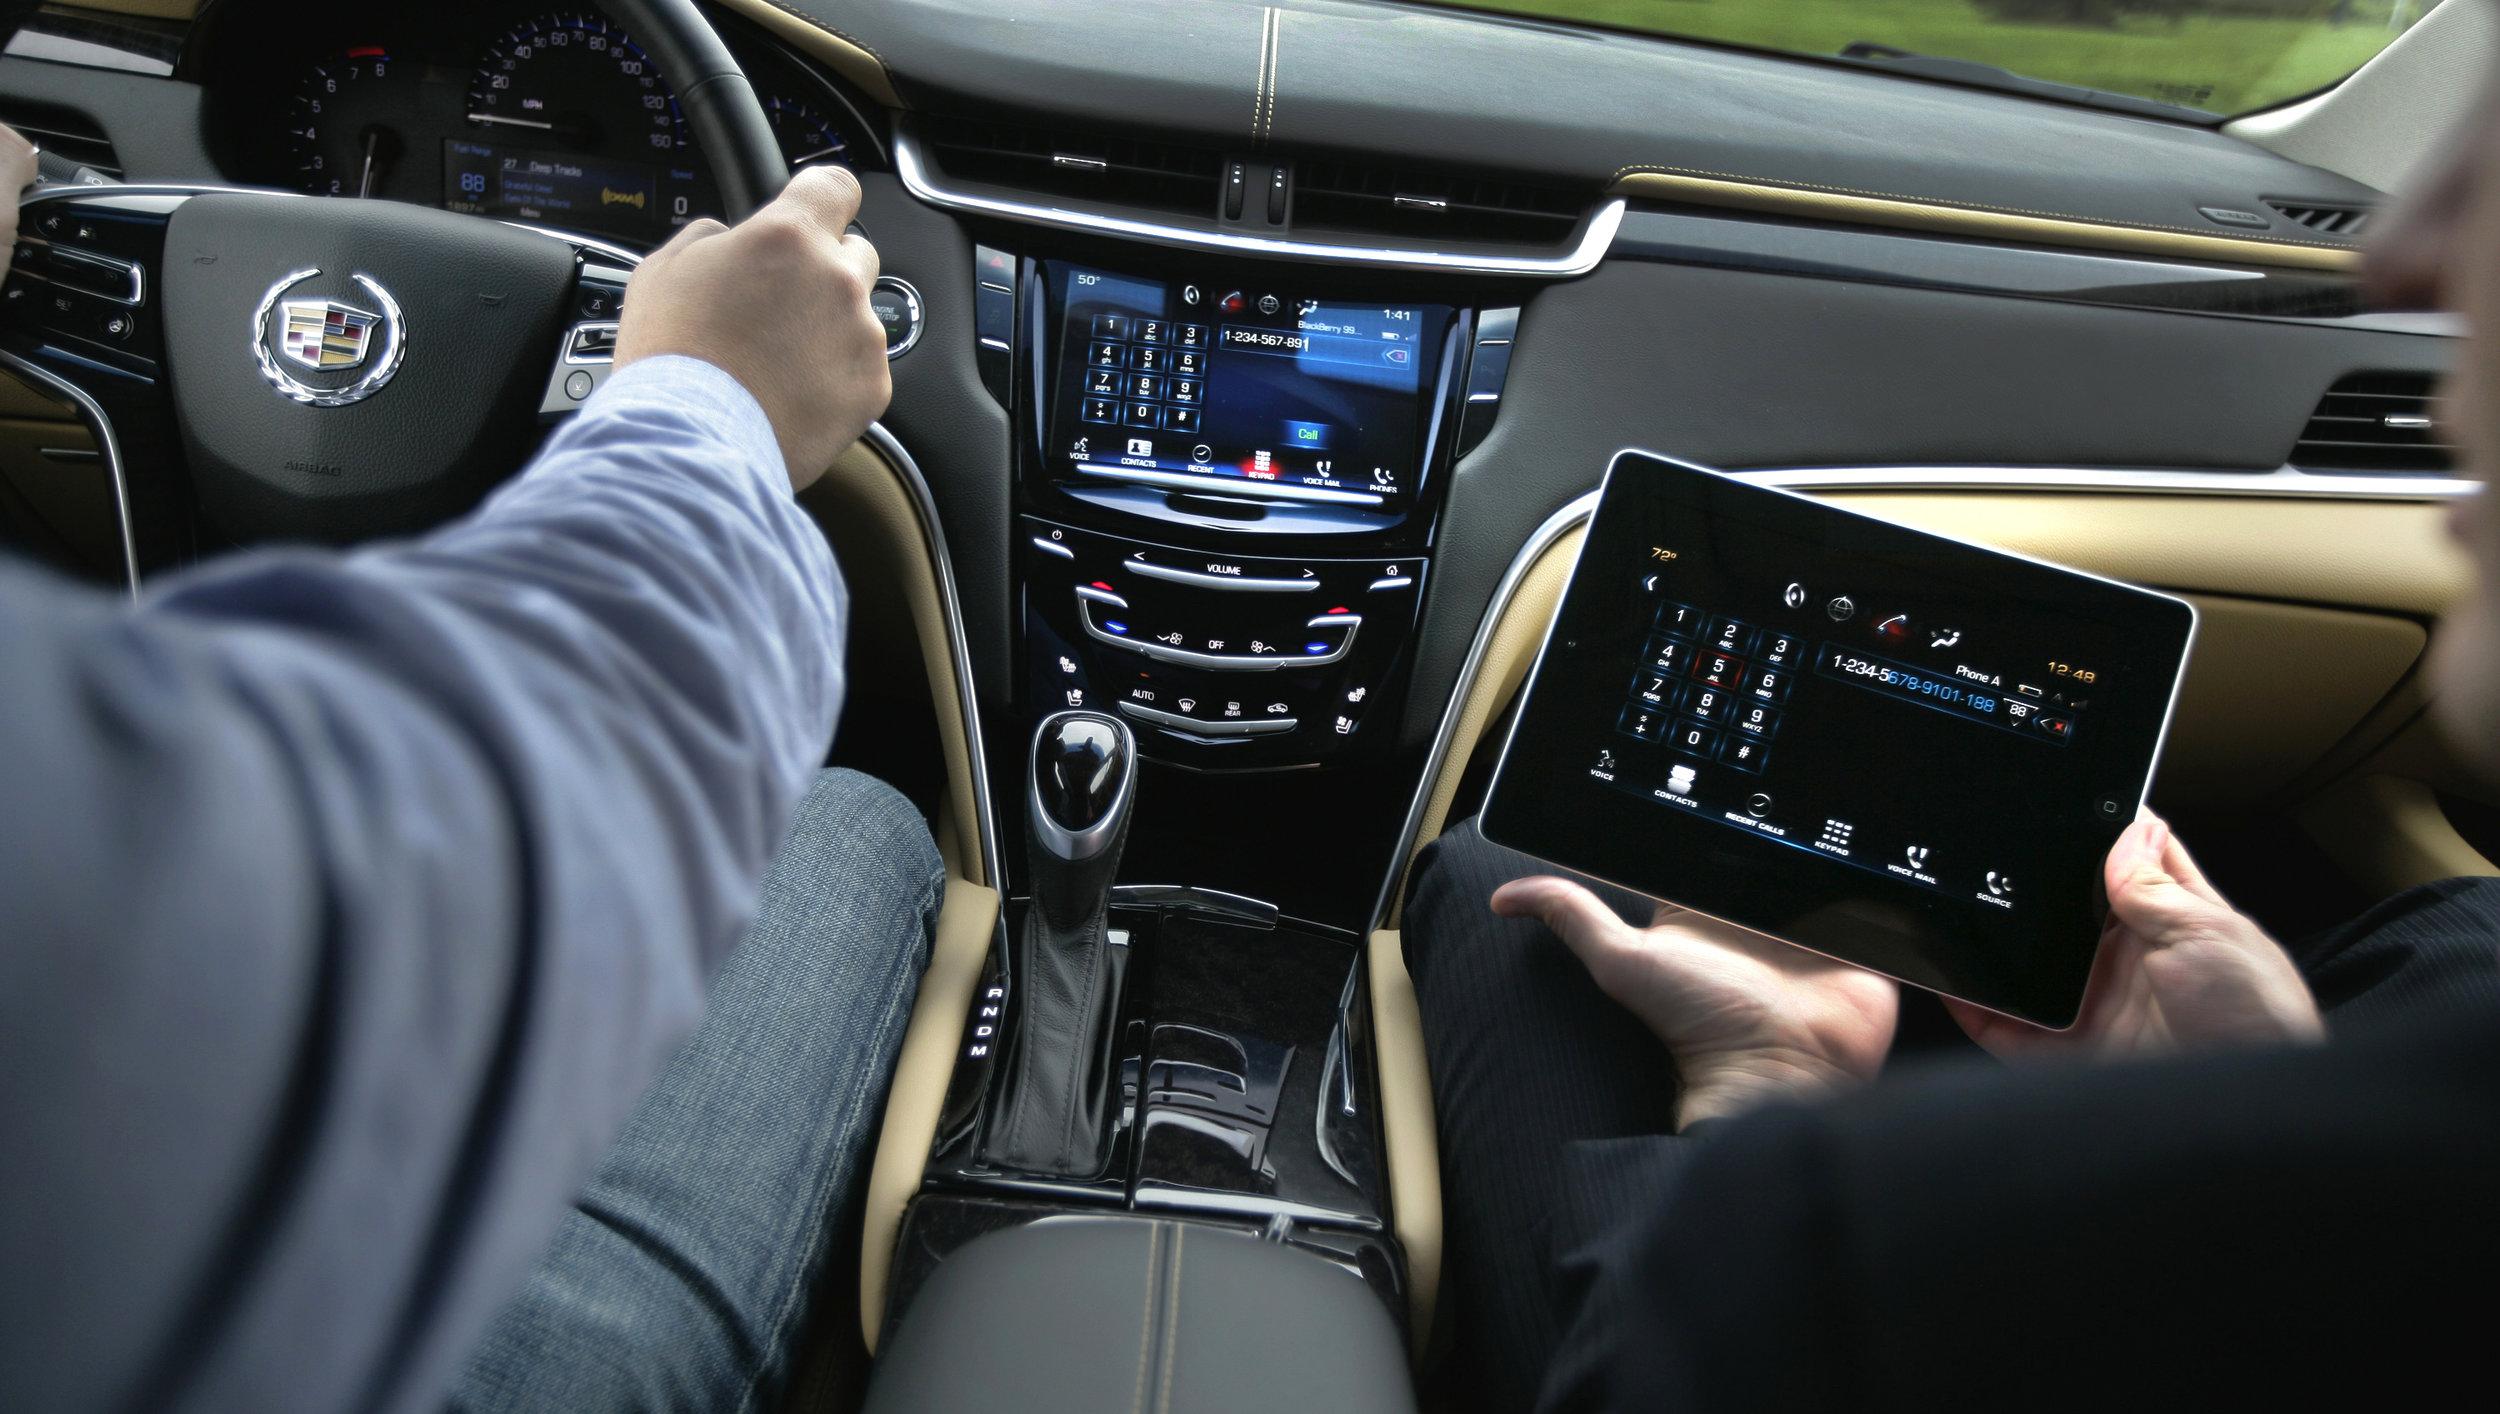 CadillacXTSiPad01-3000p (1).jpg